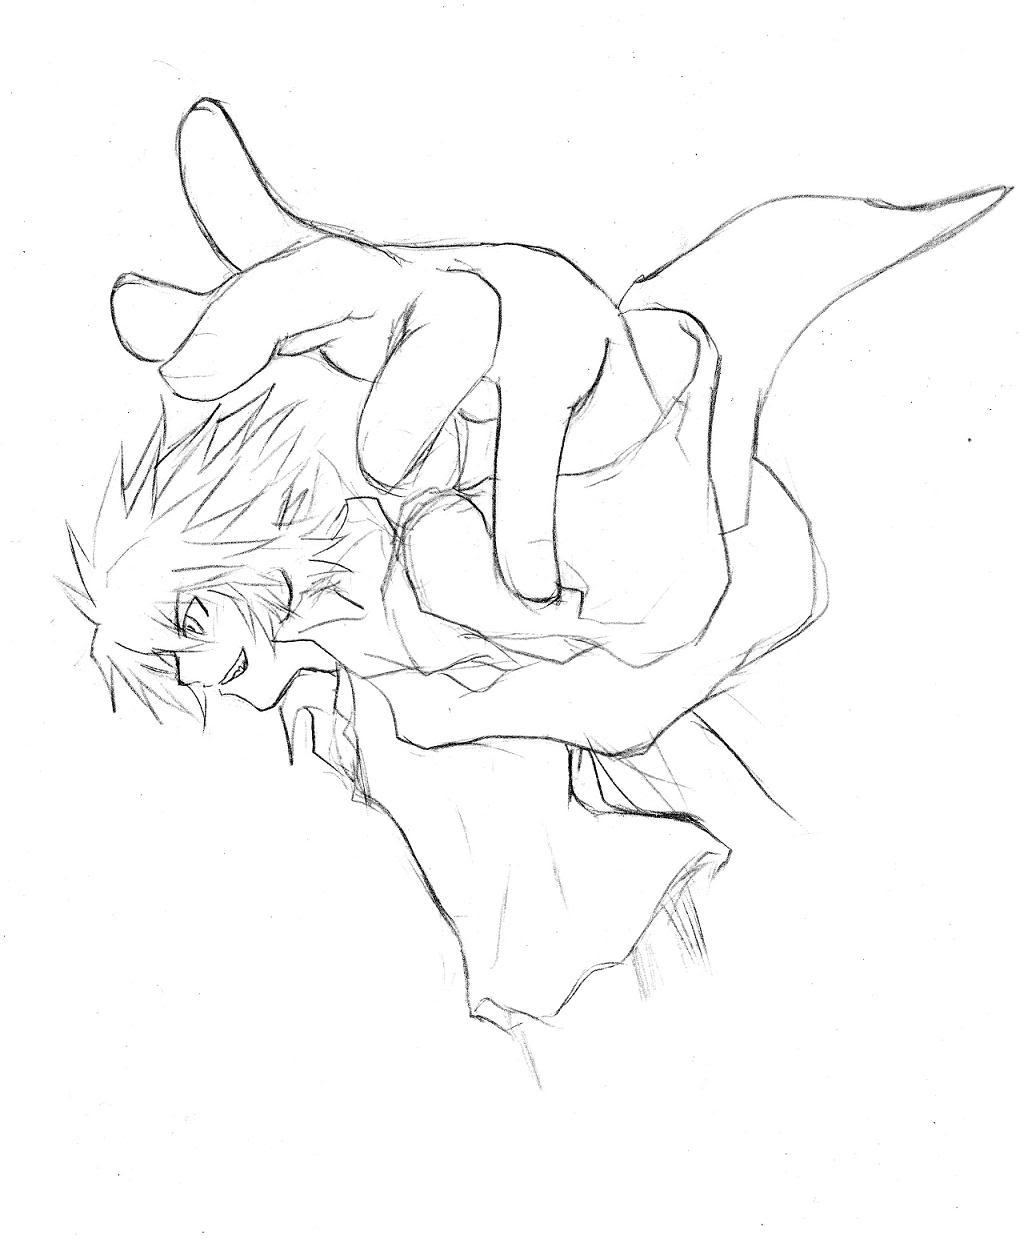 คลังภาพ ของ Taka (ในบอร์ดนี้ชื่อ evangelion) 7/1/2556 2009_07_19_0001_V2